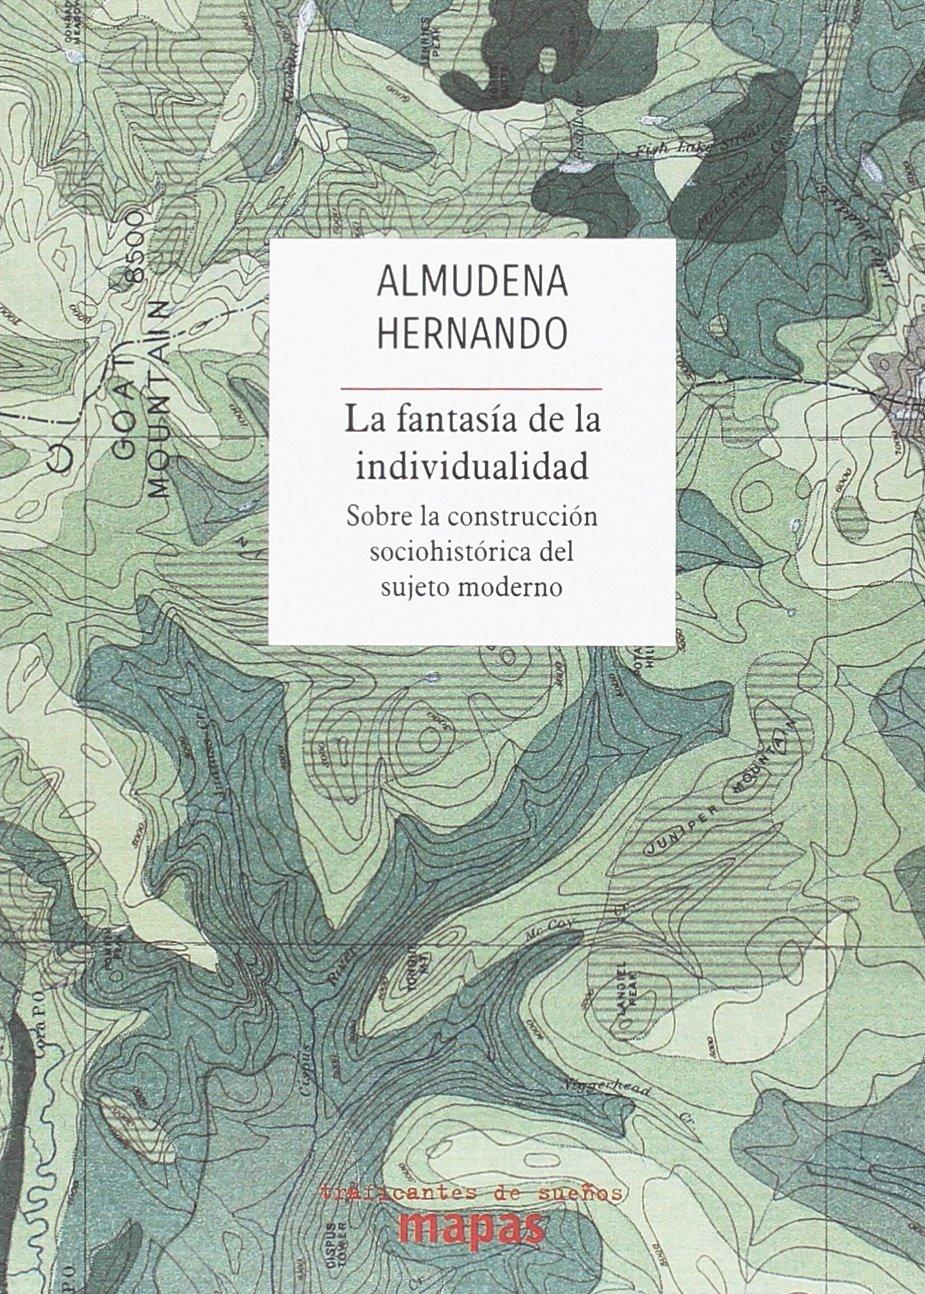 La fantasía de la individualidad: Sobre la construcción sociohistórica del sujeto moderno Mapas: Amazon.es: Almudena Hernando Gonzalo: Libros